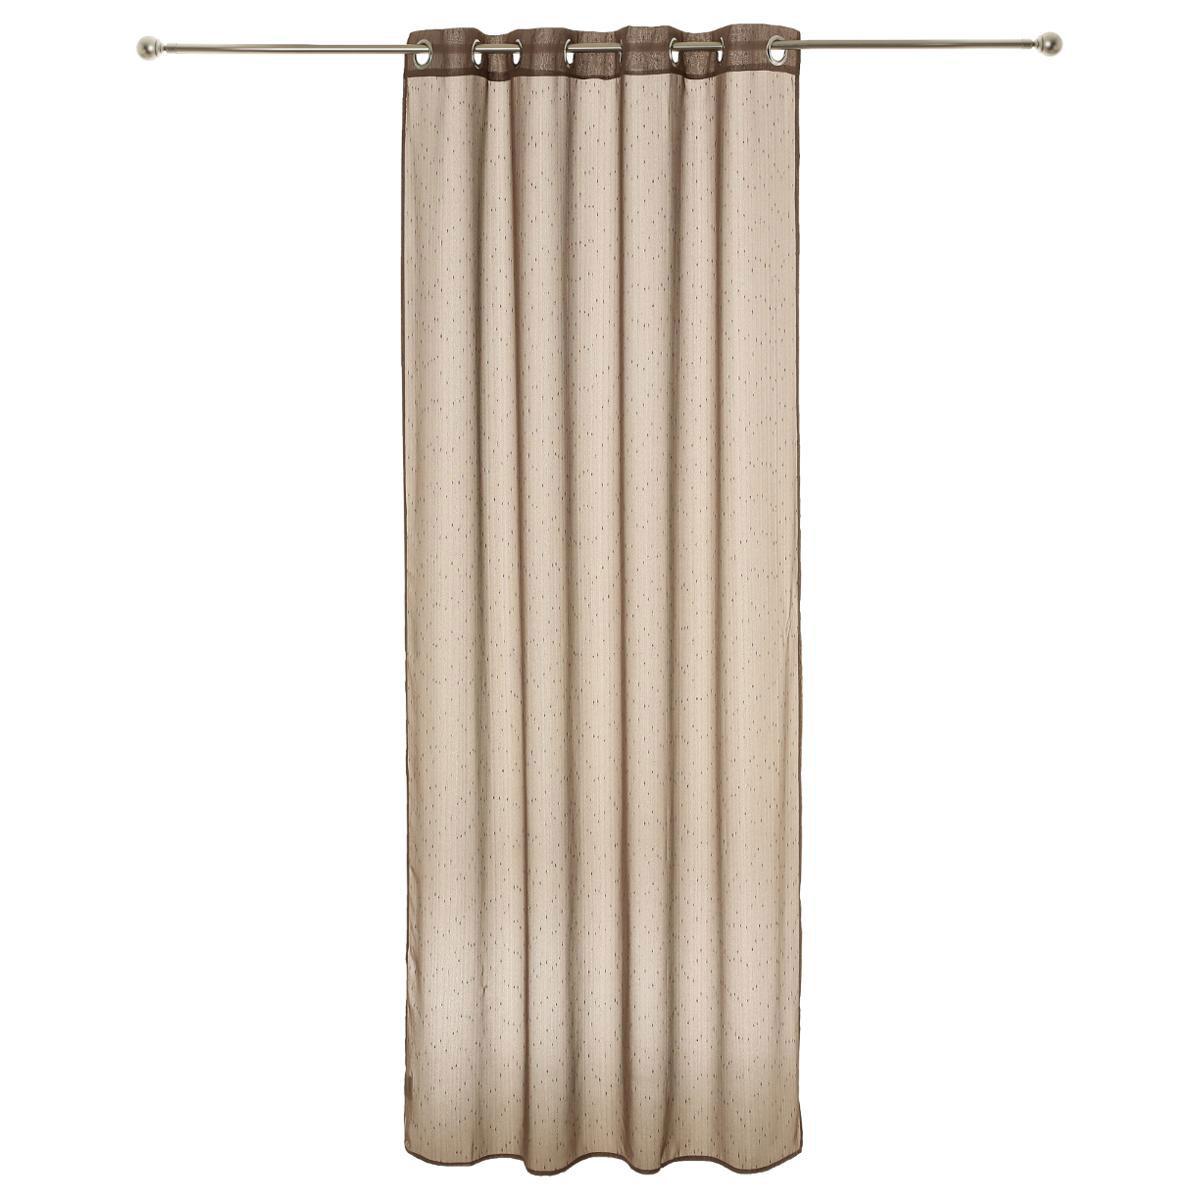 voilage fines rayures tiss es taupe gris homemaison vente en ligne voilages. Black Bedroom Furniture Sets. Home Design Ideas